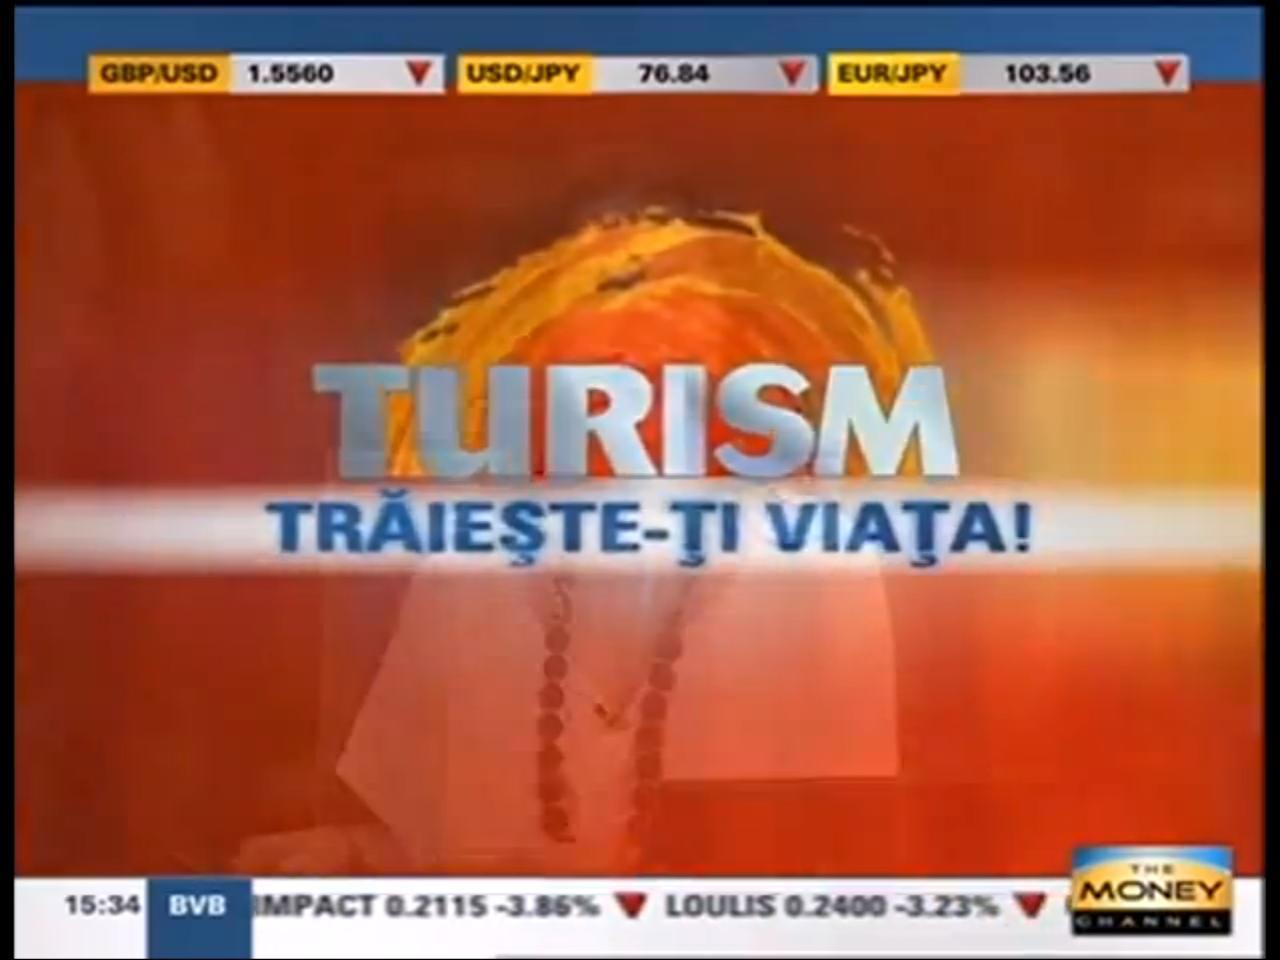 Înregistrare emisiunea de turism Trăieşte-ţi viaţa – ediţia 5, 4 noiembrie 2011